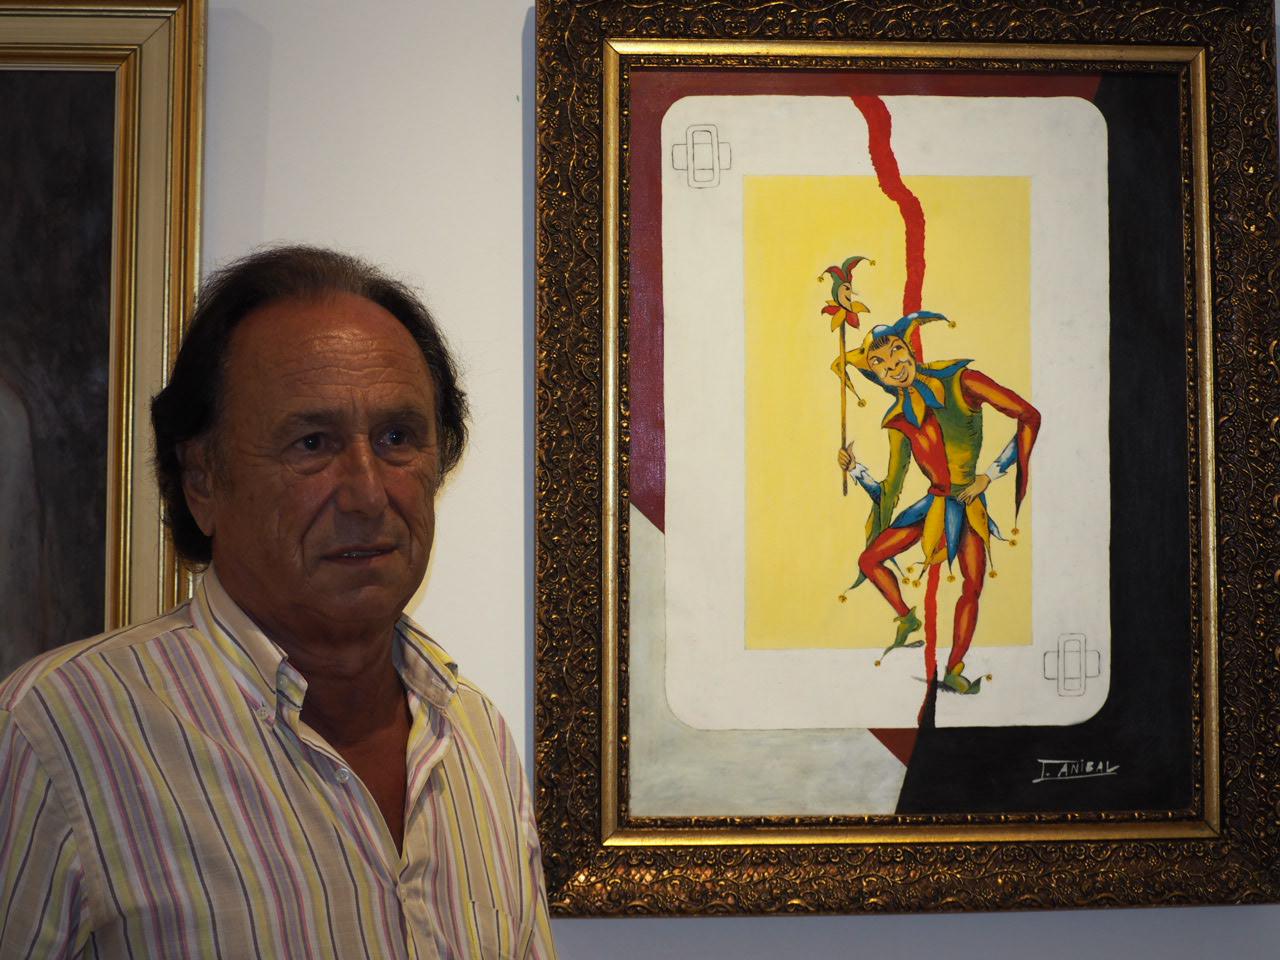 Las ironías de J. Aníbal llegan a la Casa de Cultura de Ribadesella